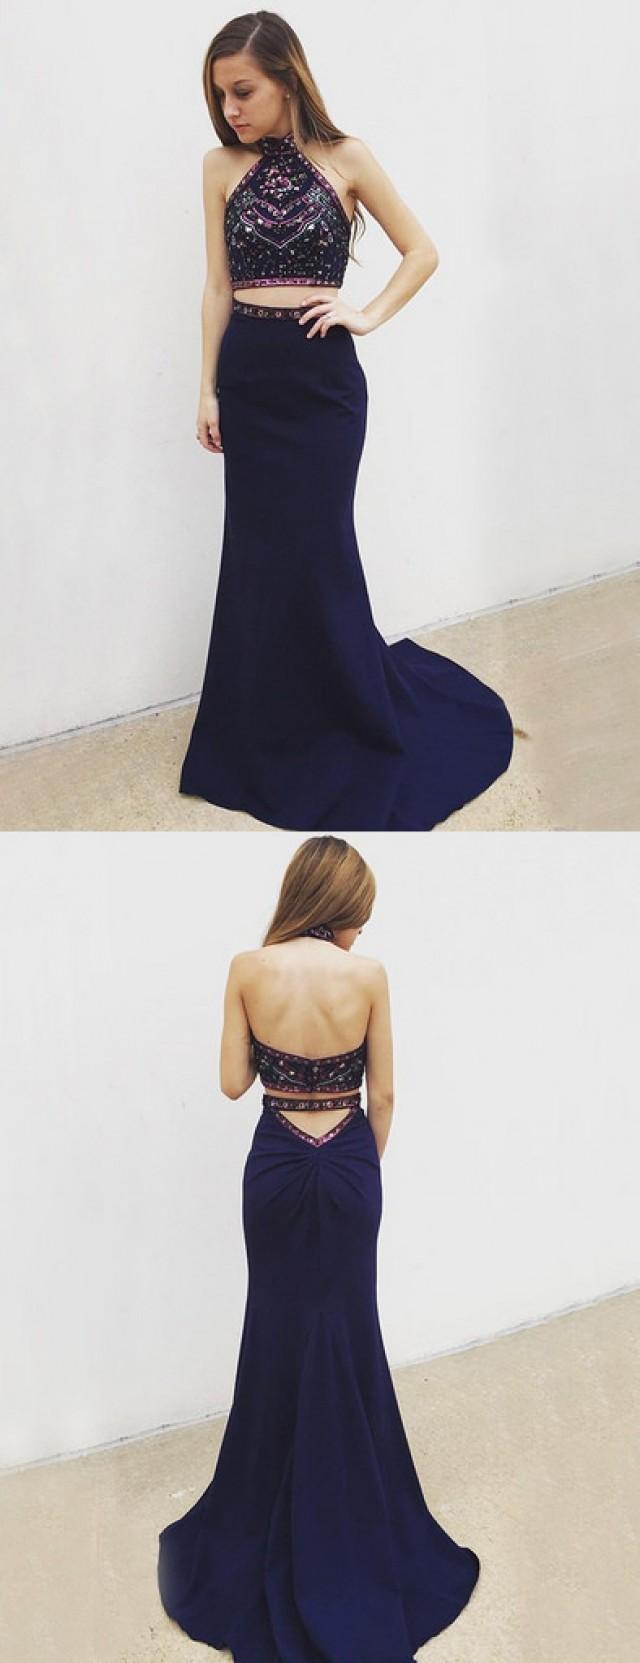 wedding photo - sexy two piece prom dress